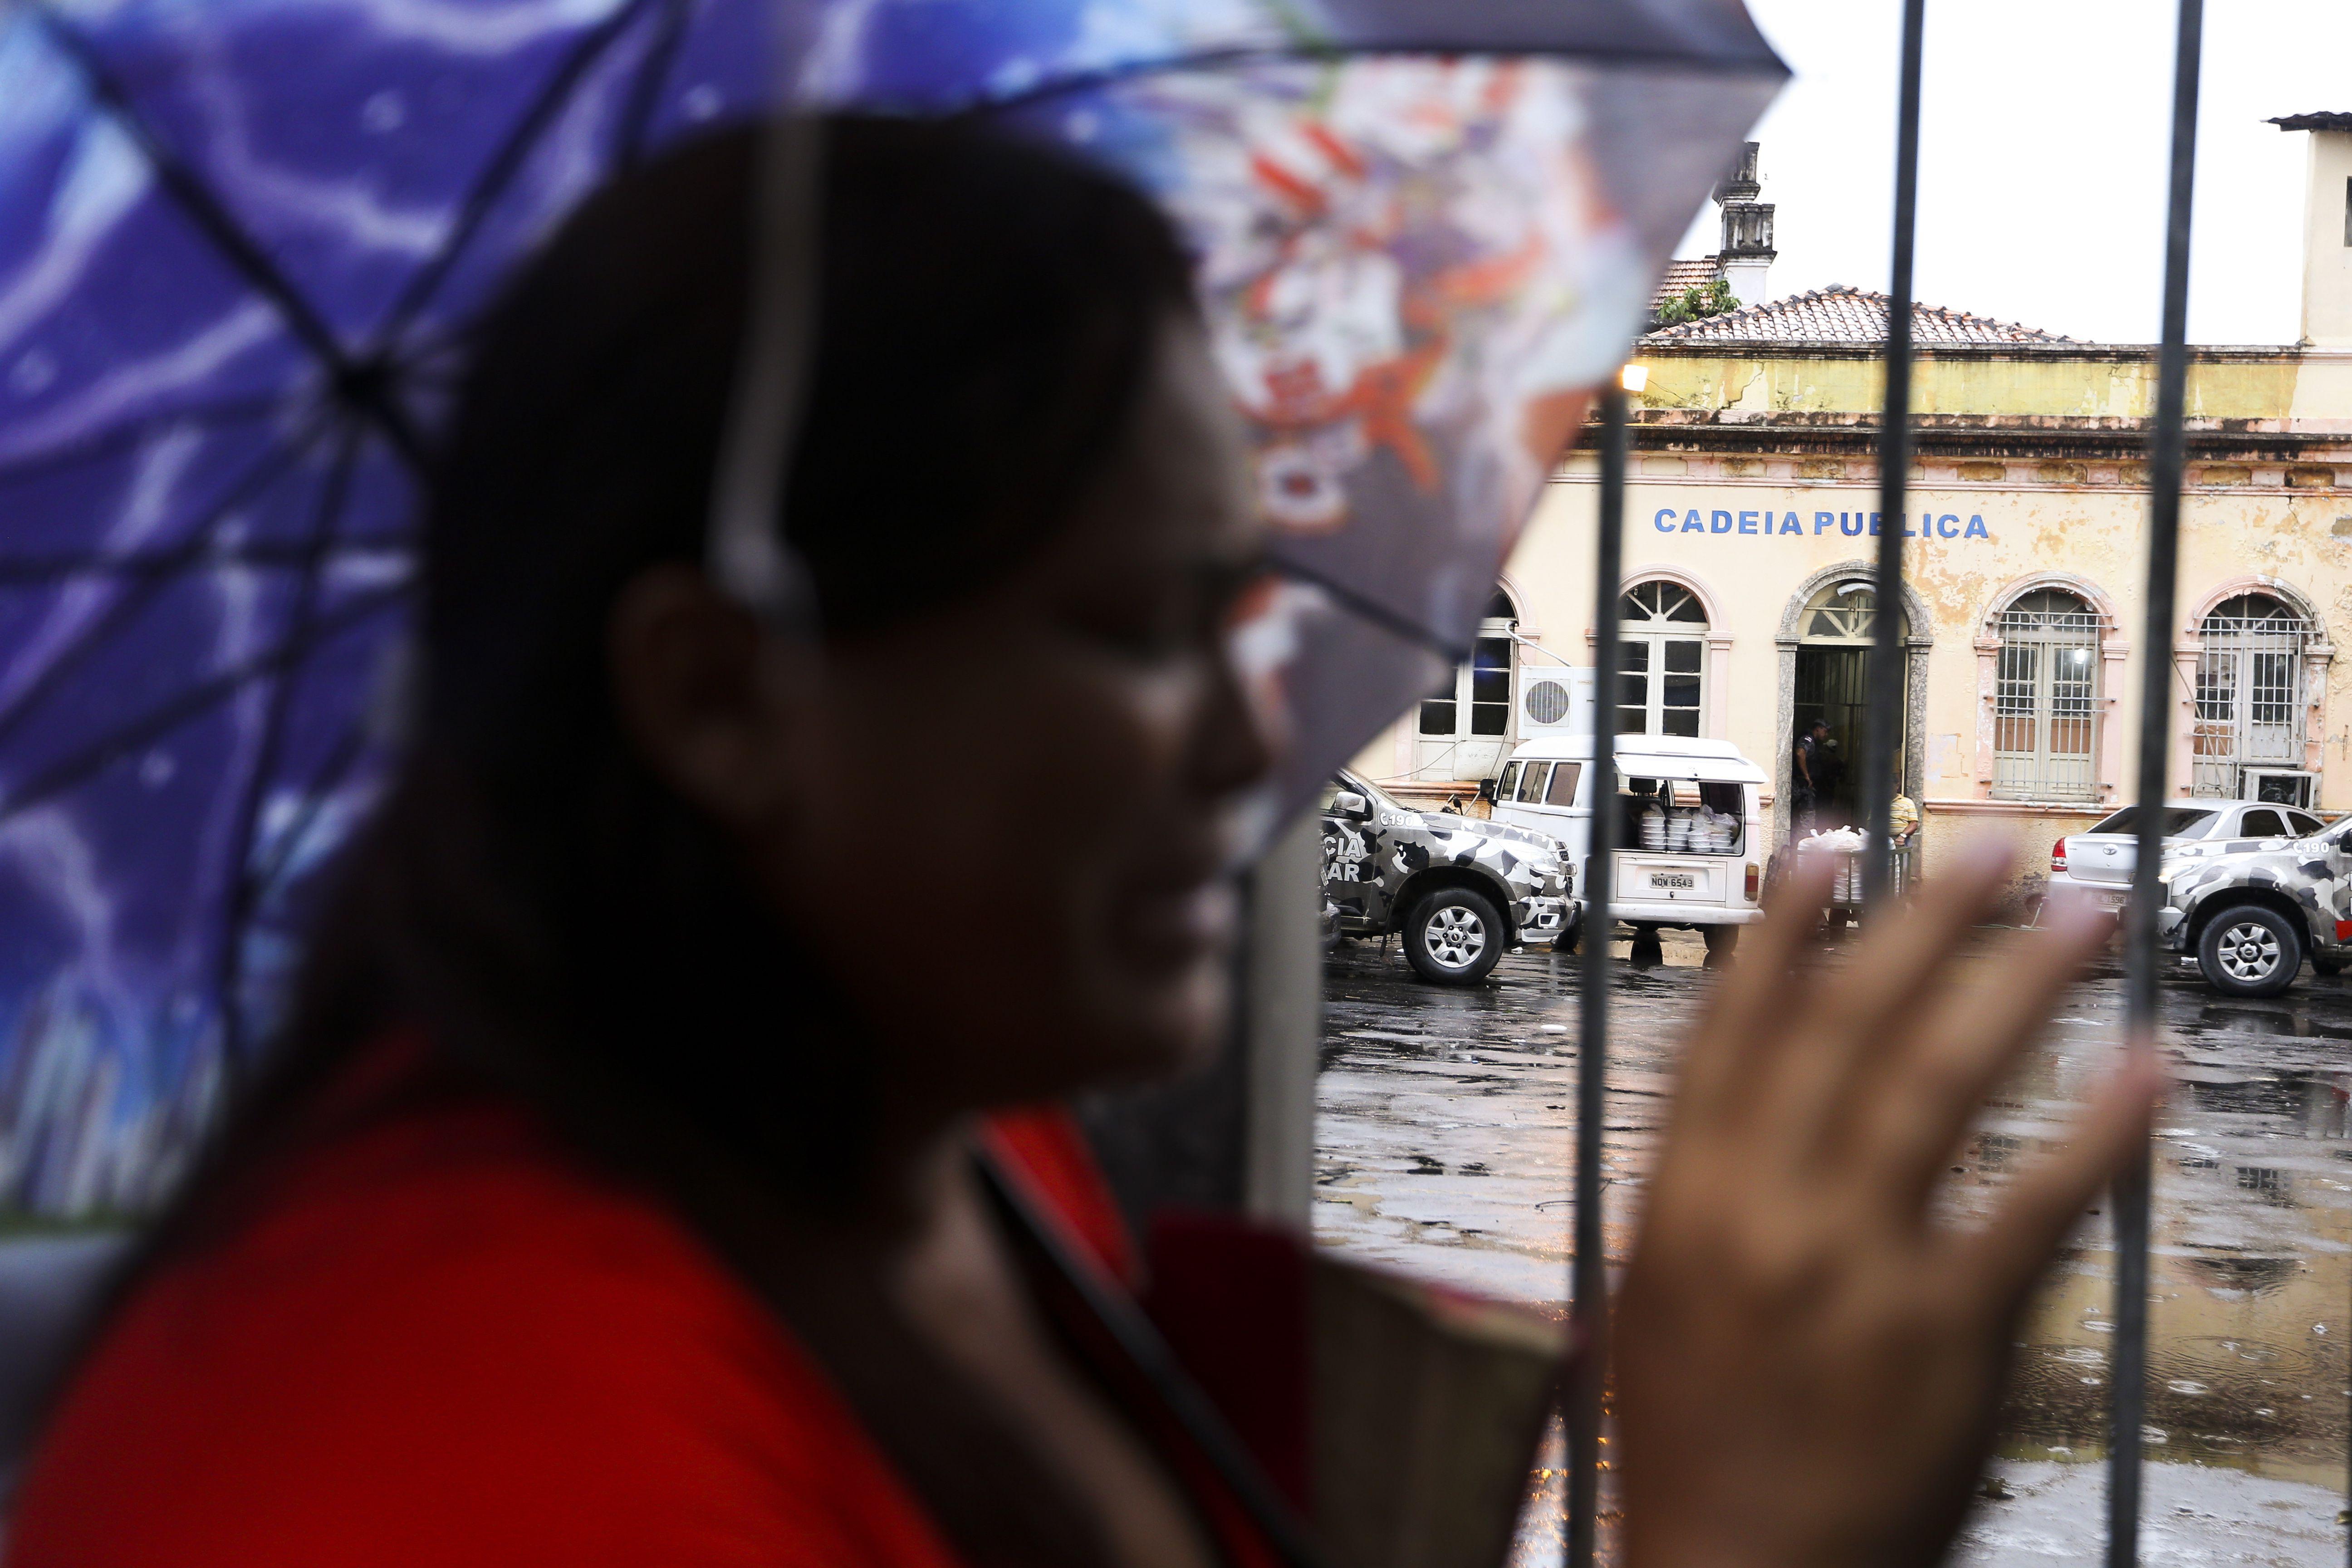 Segurança - presídio - cadeia pública Manaus prisão rebelião crise carcerária penitenciária familiares